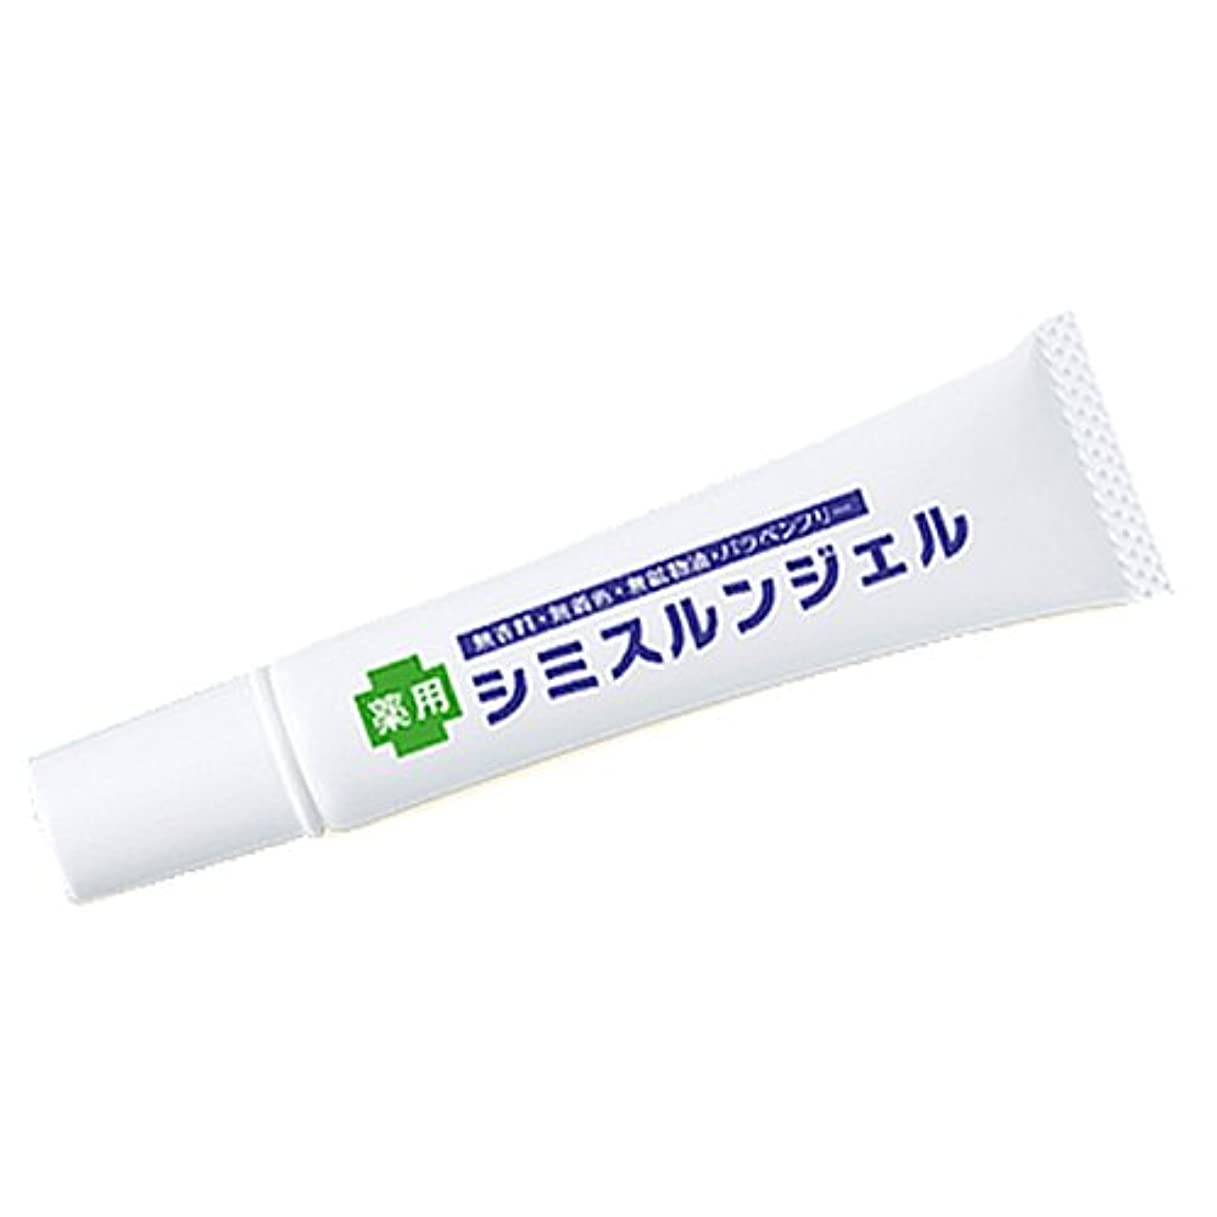 古い川エキゾチックナクナーレ 薬用シミスルンジェル 医薬部外品